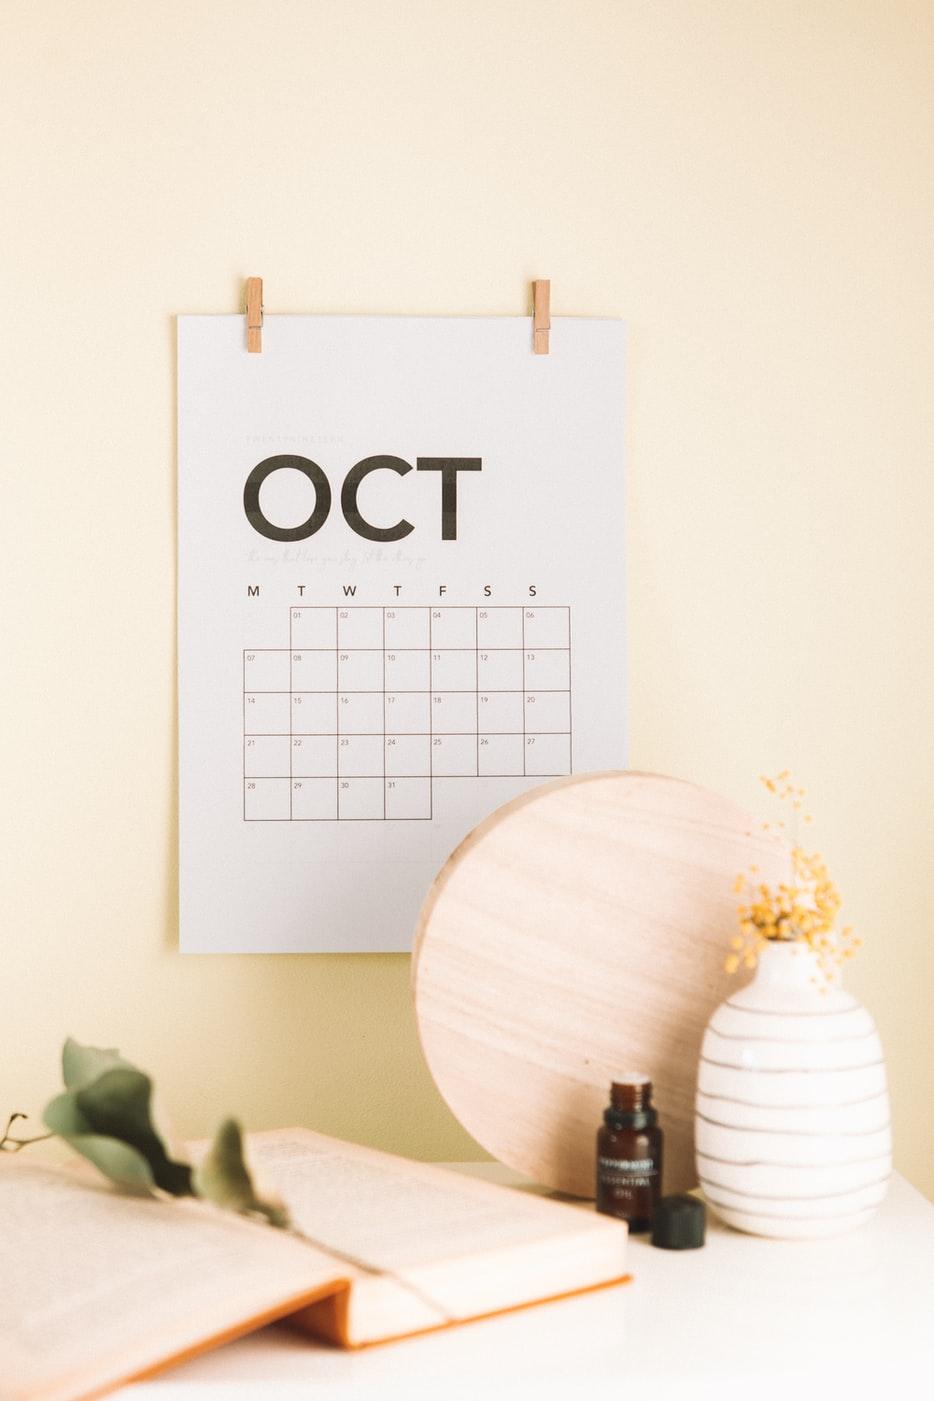 Date of the UCAT